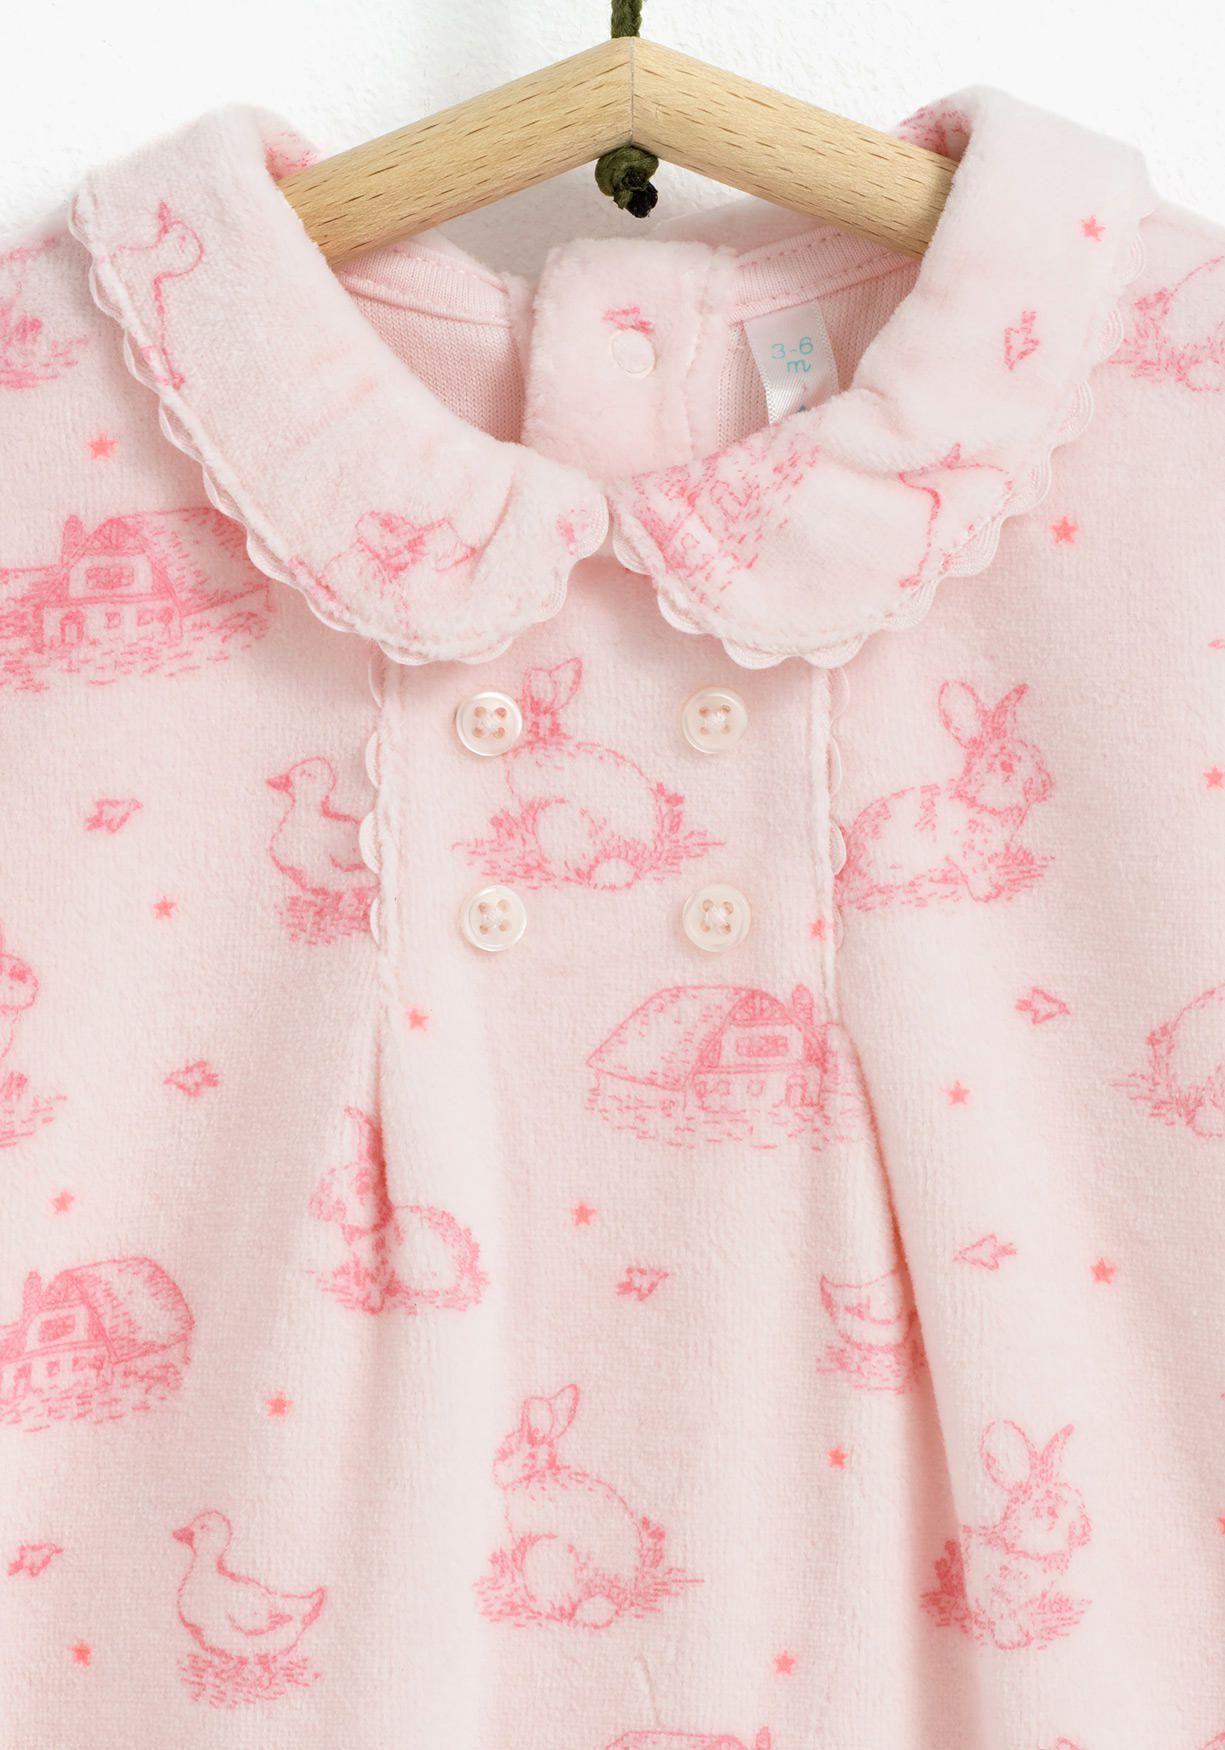 f5843f9f0 Pijama de una pieza para recién nacido unisex Tex en 2019